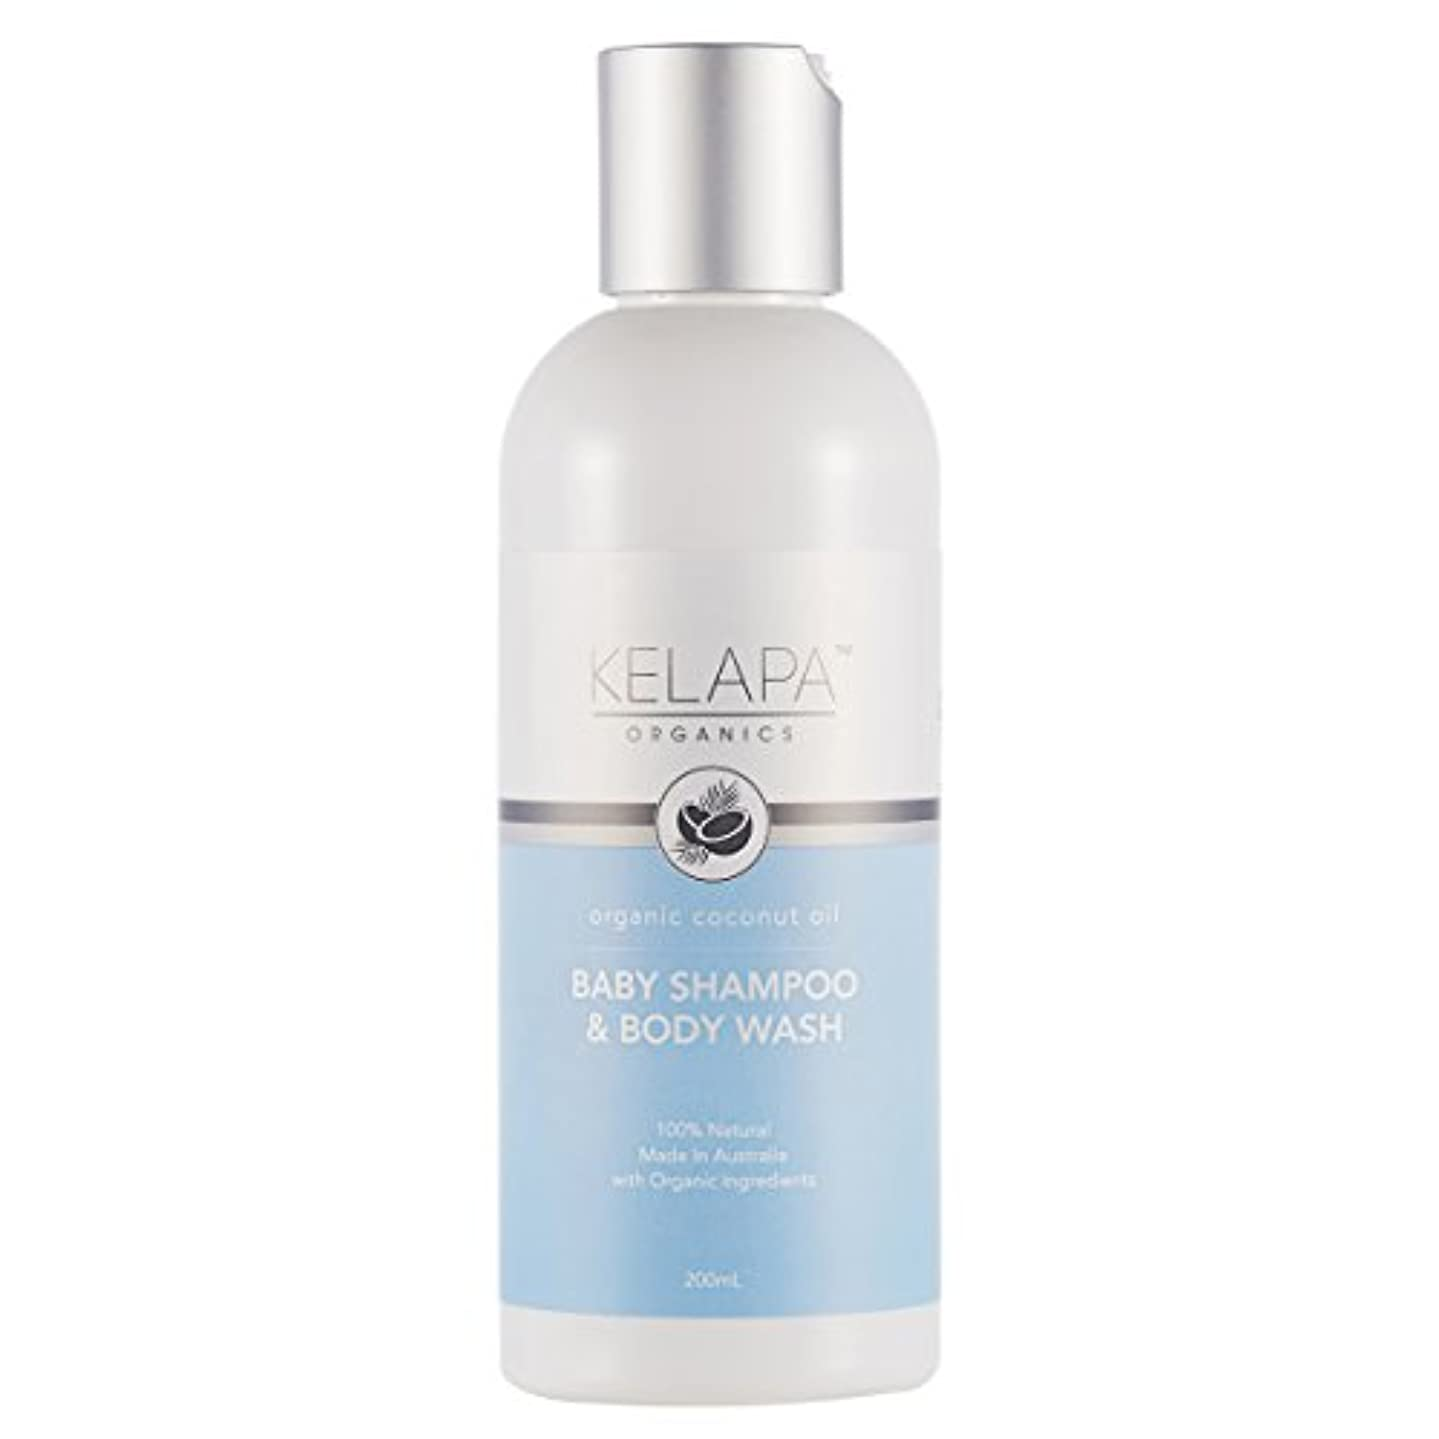 問い合わせる団結するゲージKelapa Organics Baby Shampoo & Body Wash ベイビーシャンプー&ボディウォッシュ 200ml